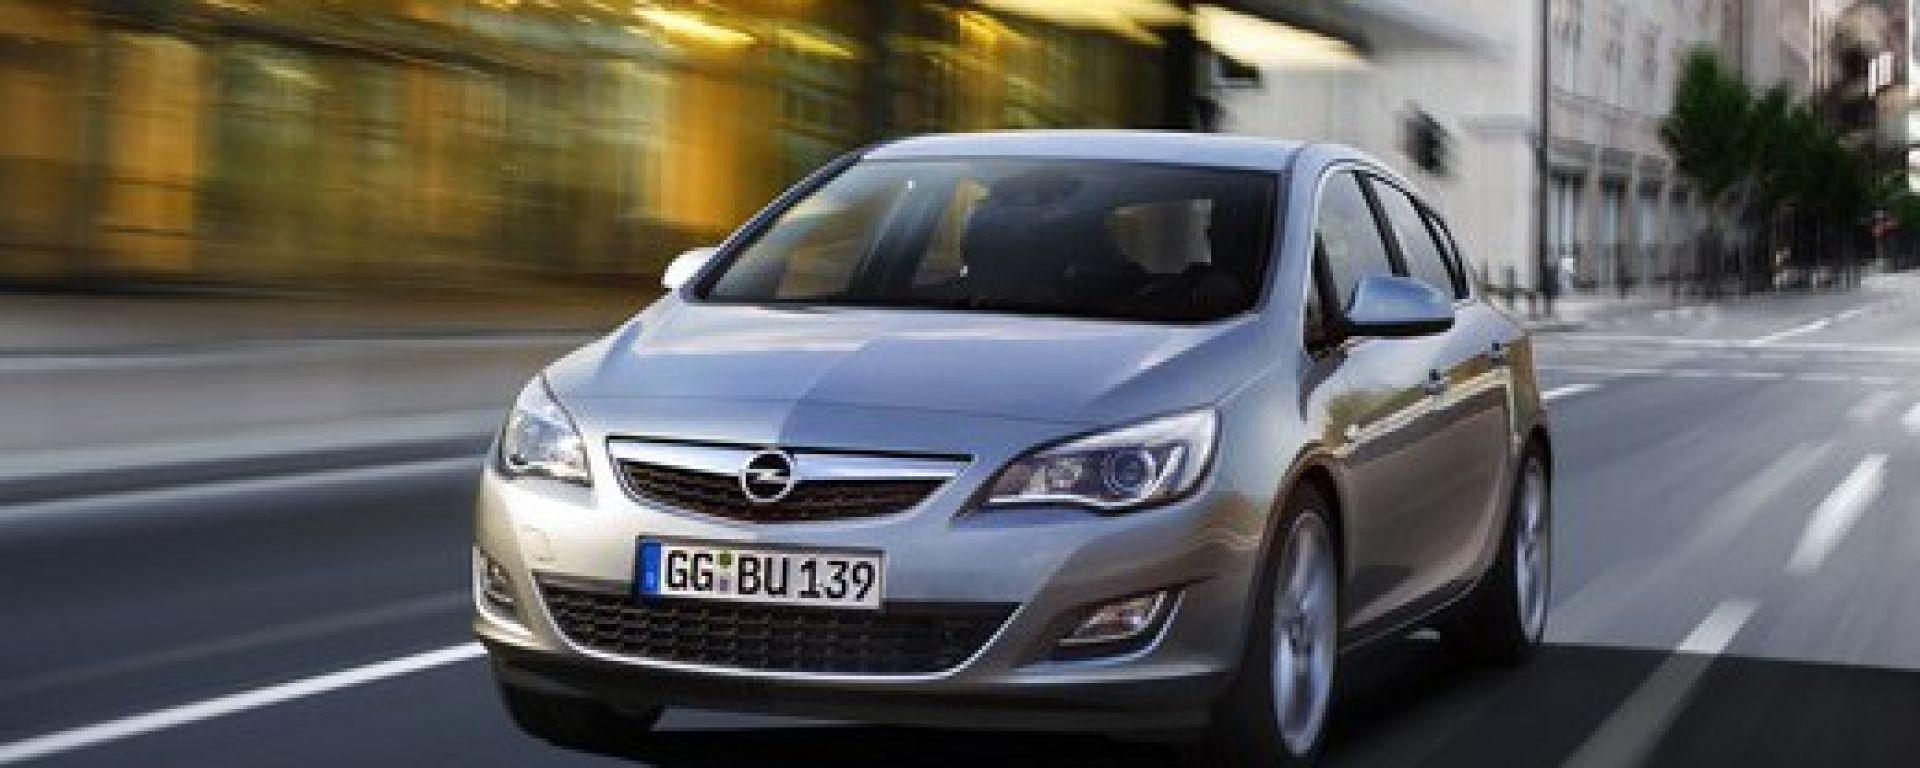 Opel Astra 2010, le prime foto ufficiali